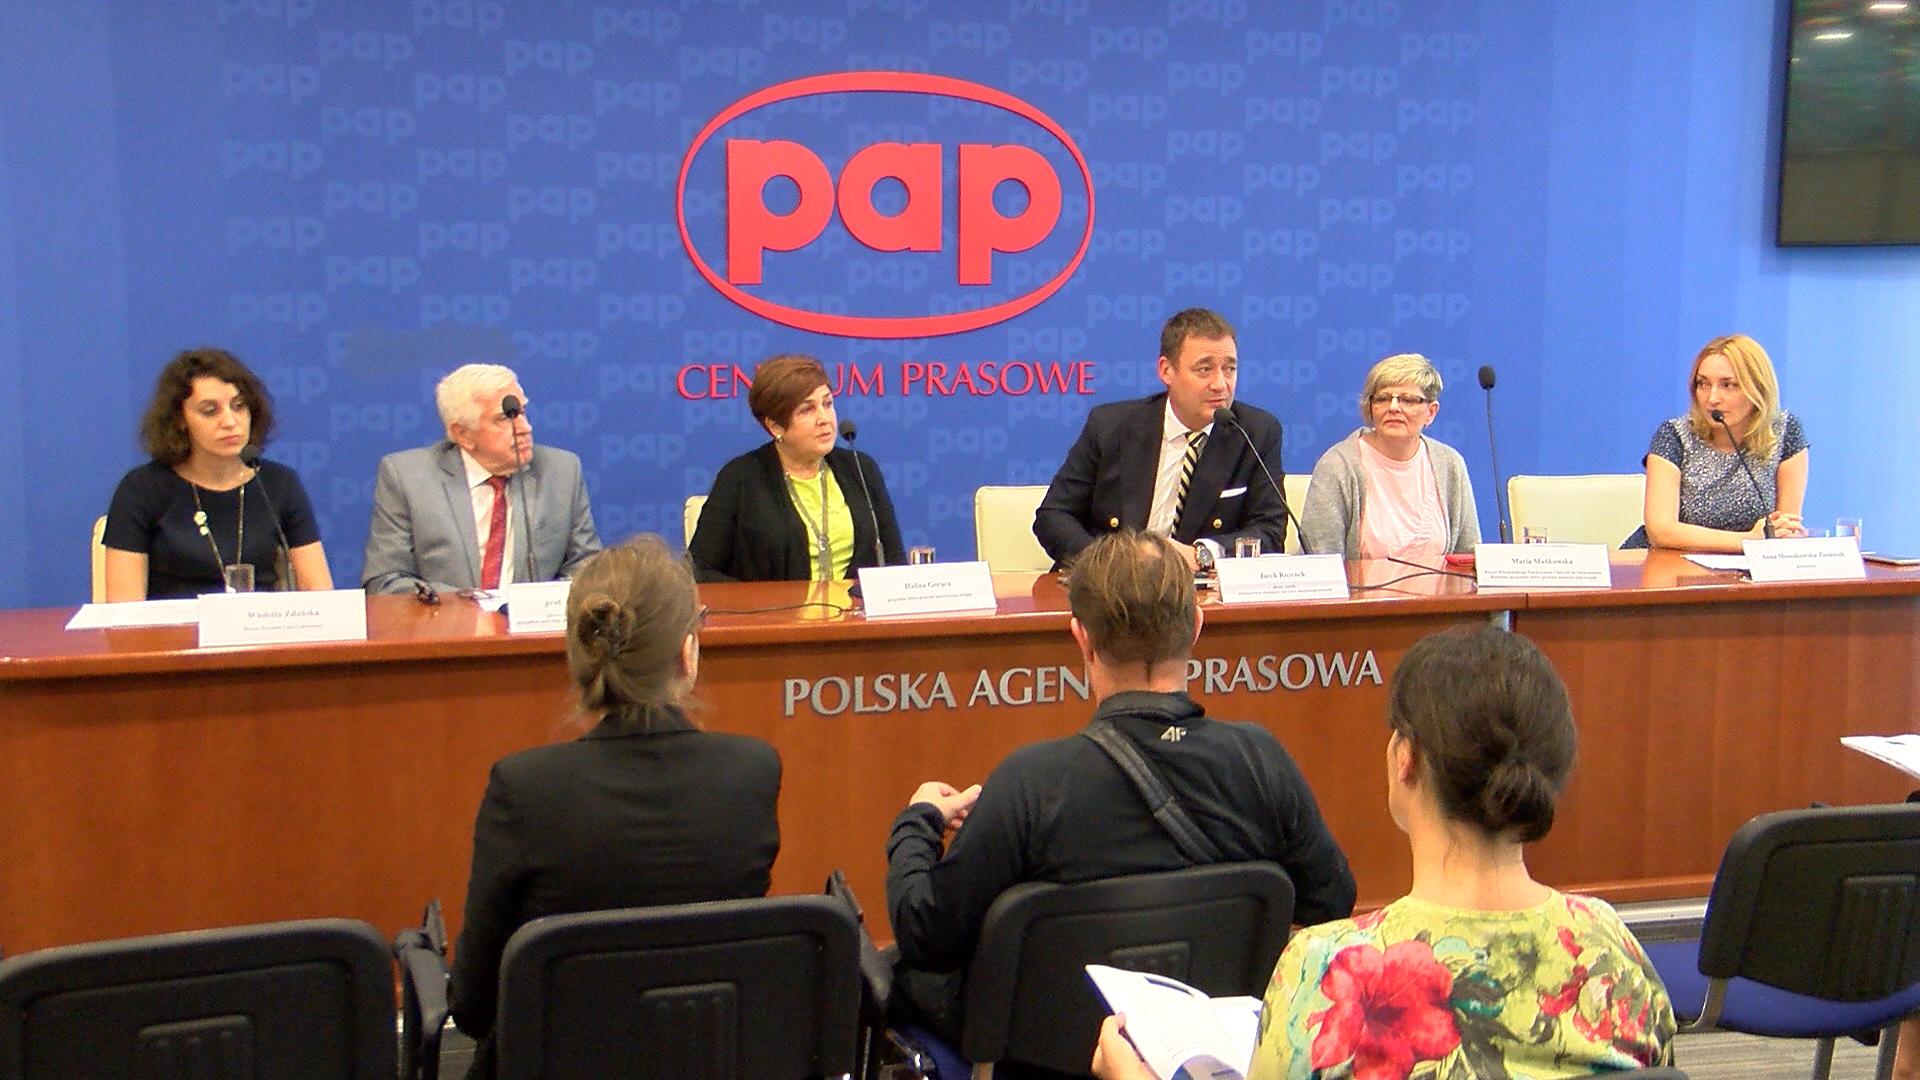 Stwardnienie rozsiane - Polscy naukowcy odkryli przełomową terapię dla chorych na SM